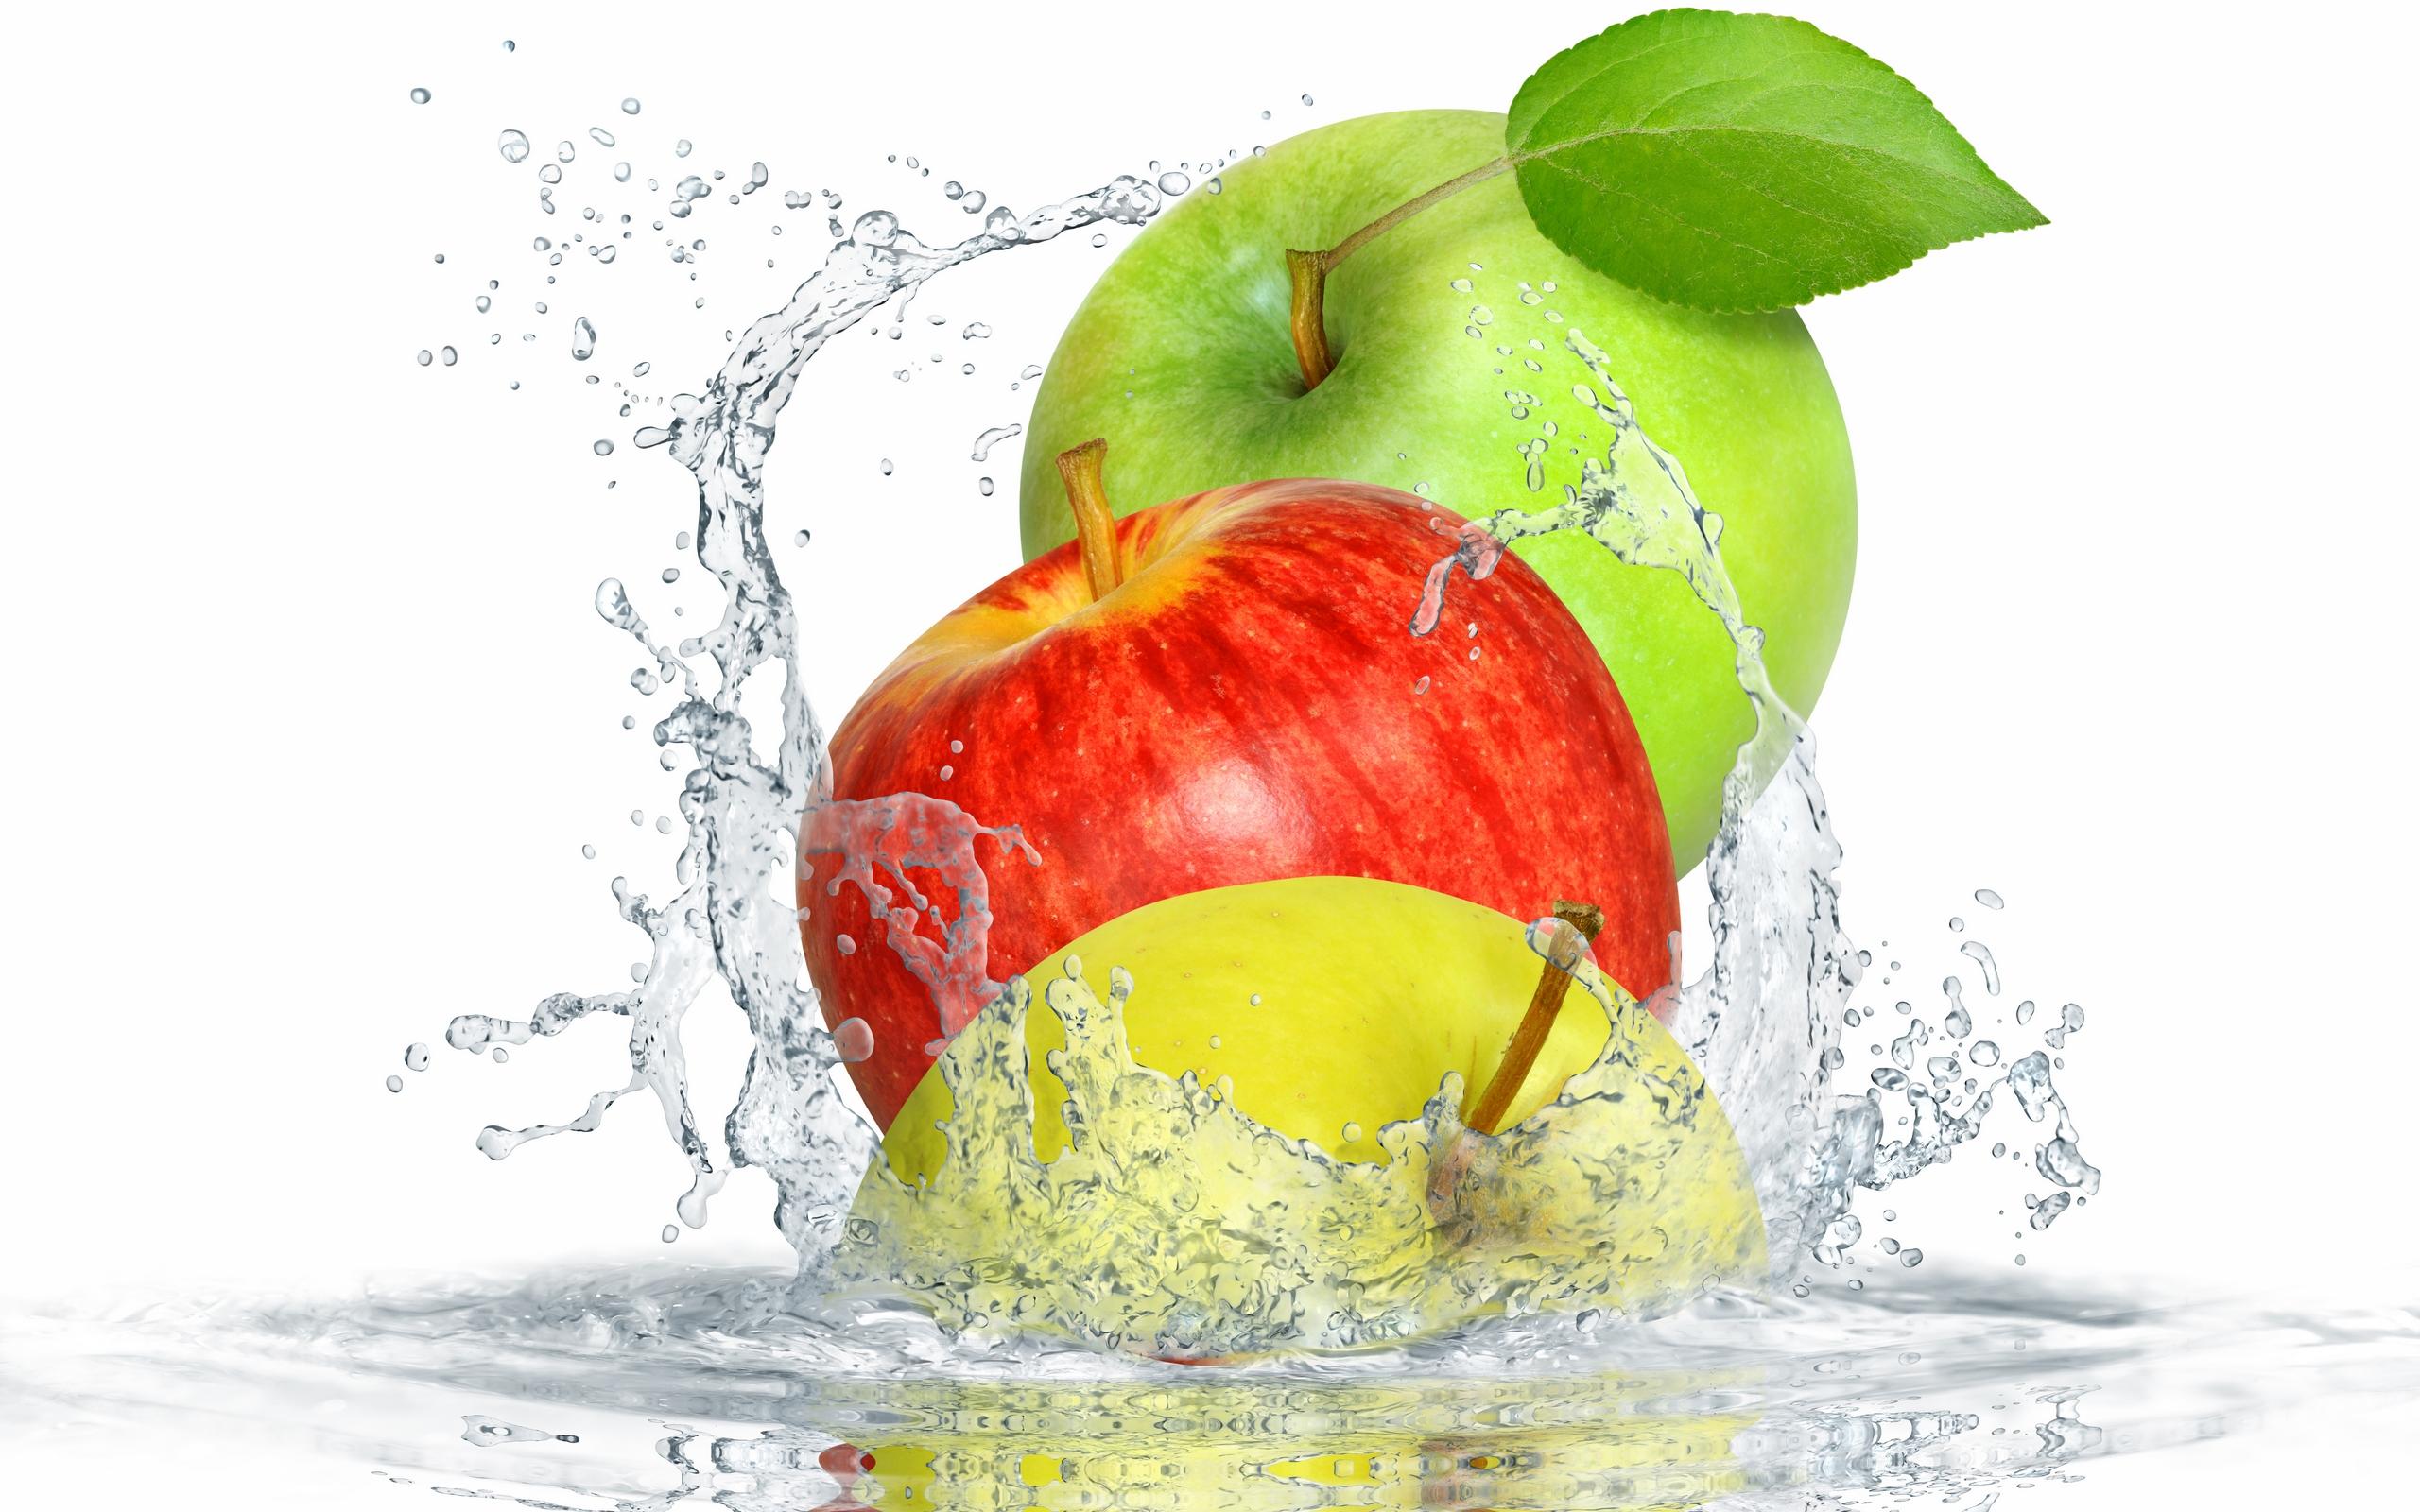 фрукты, яблоки, сорт